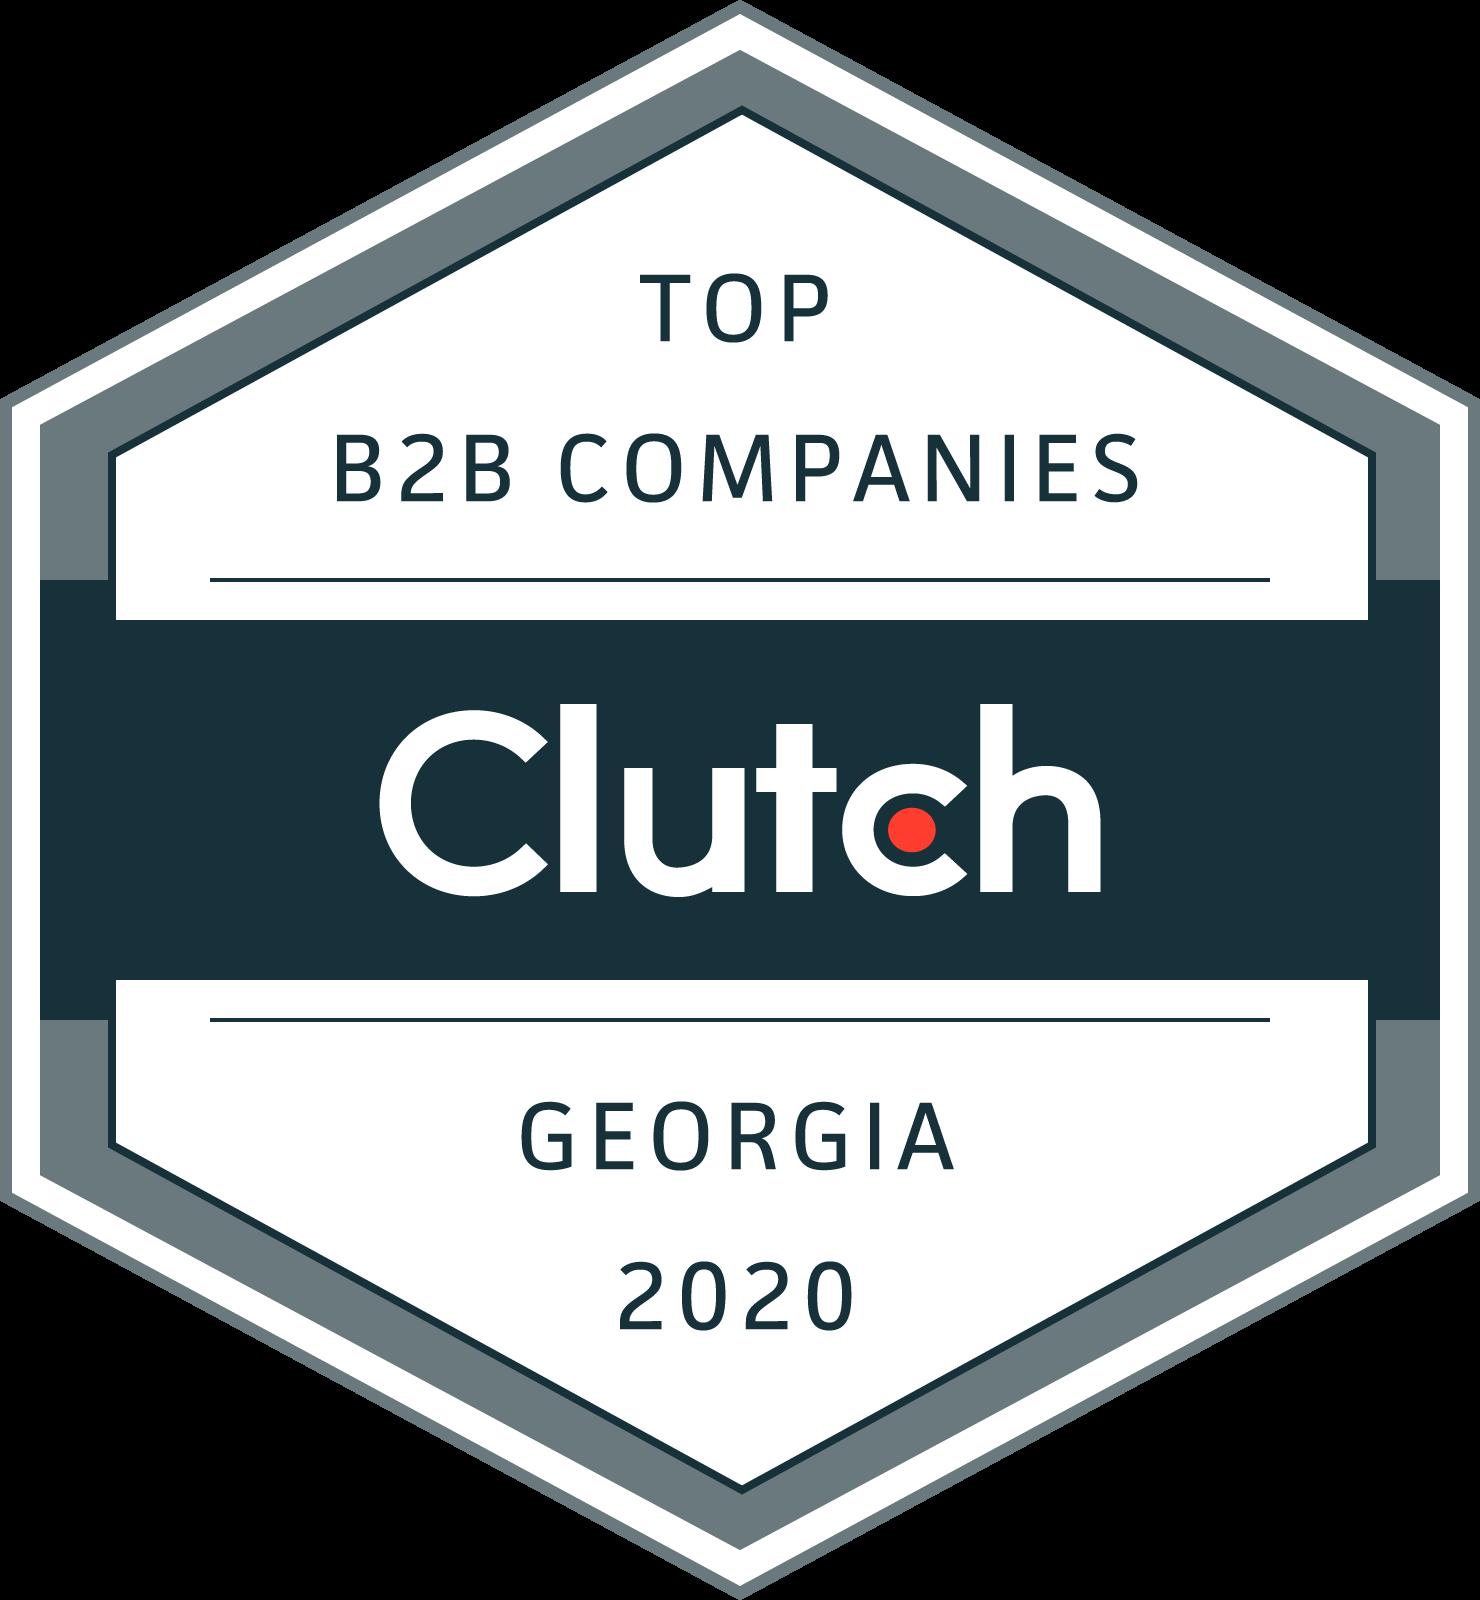 Top B2B Company in Georgia 2020